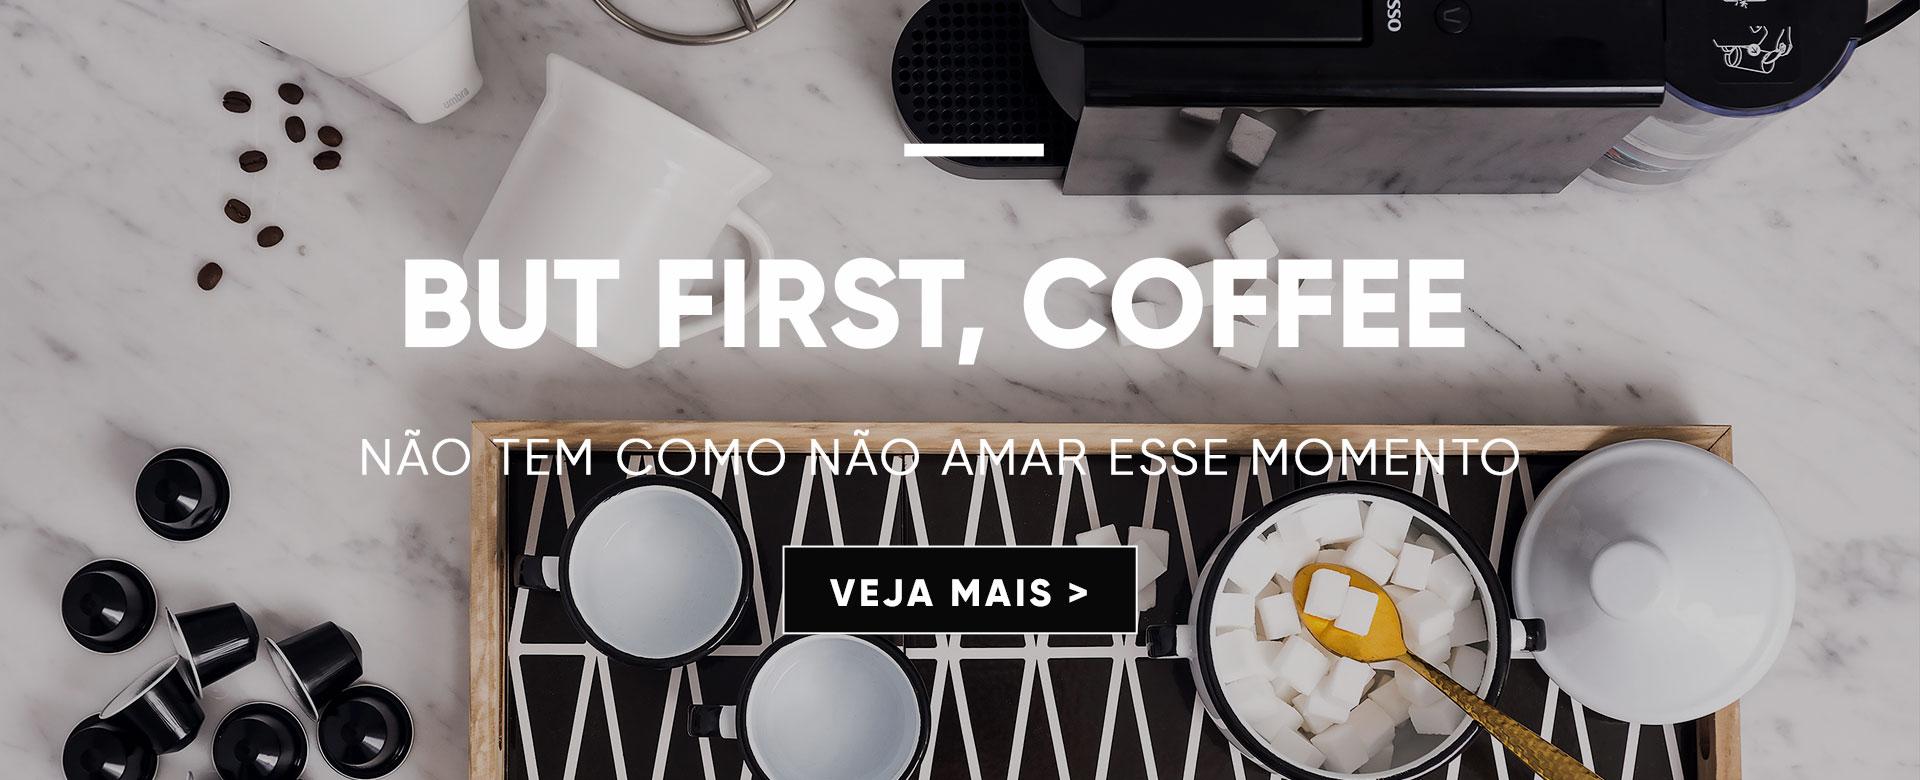 cafe mind